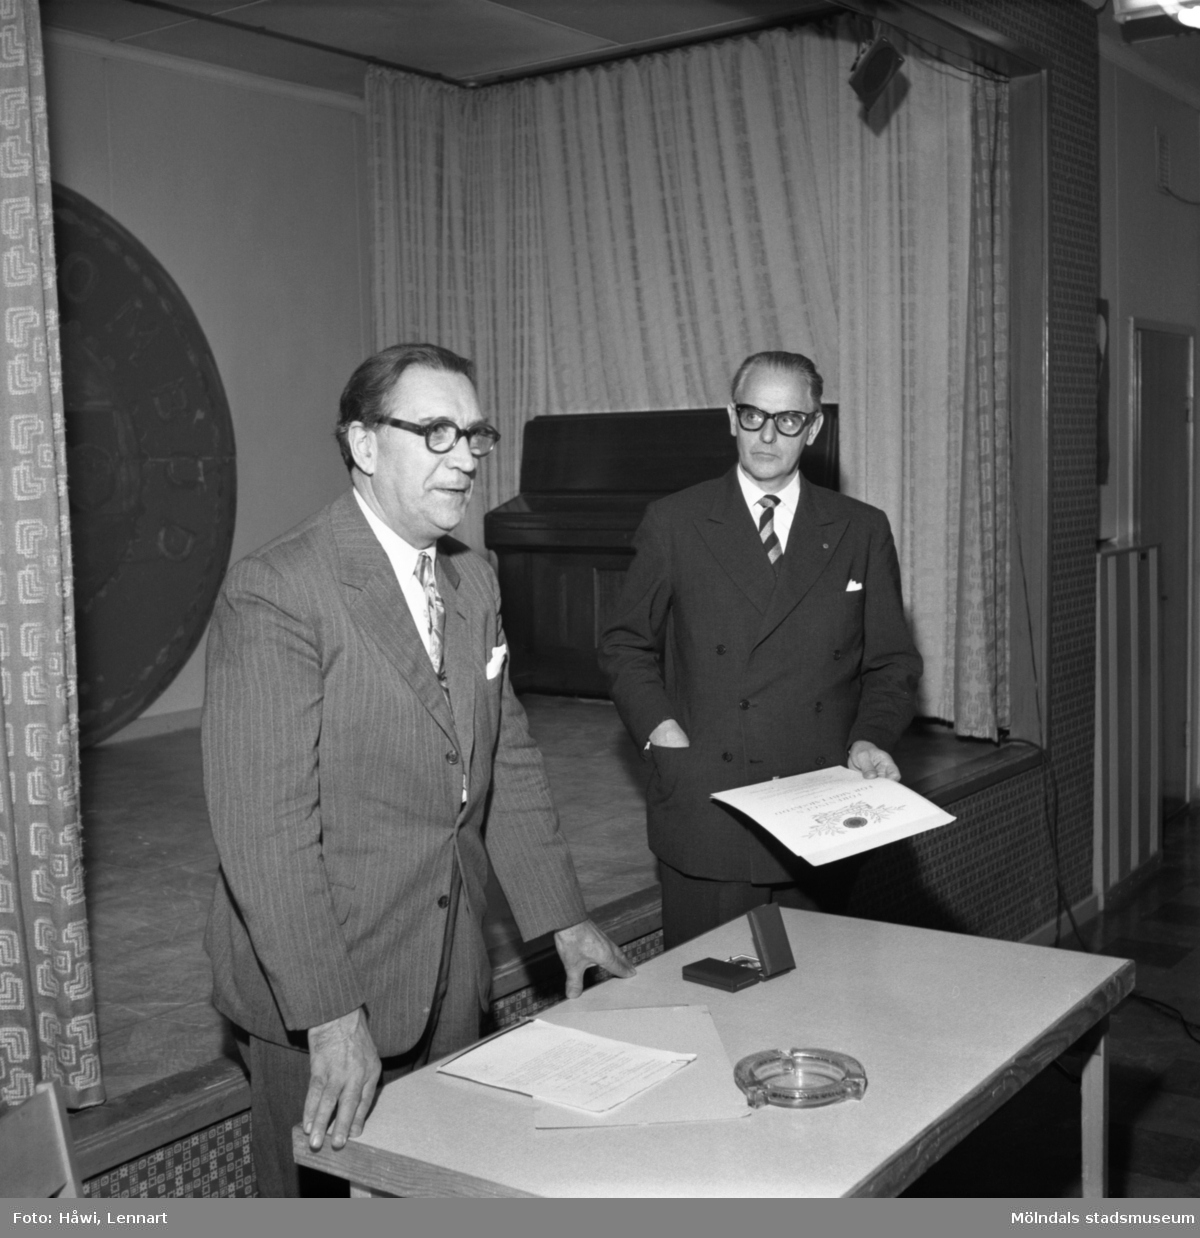 Papyrus i Mölndal, 13/11 1957. Föreningen för arbetarskydds guldmedalj utdelas till Nils Nilsson och Carl Nygren.